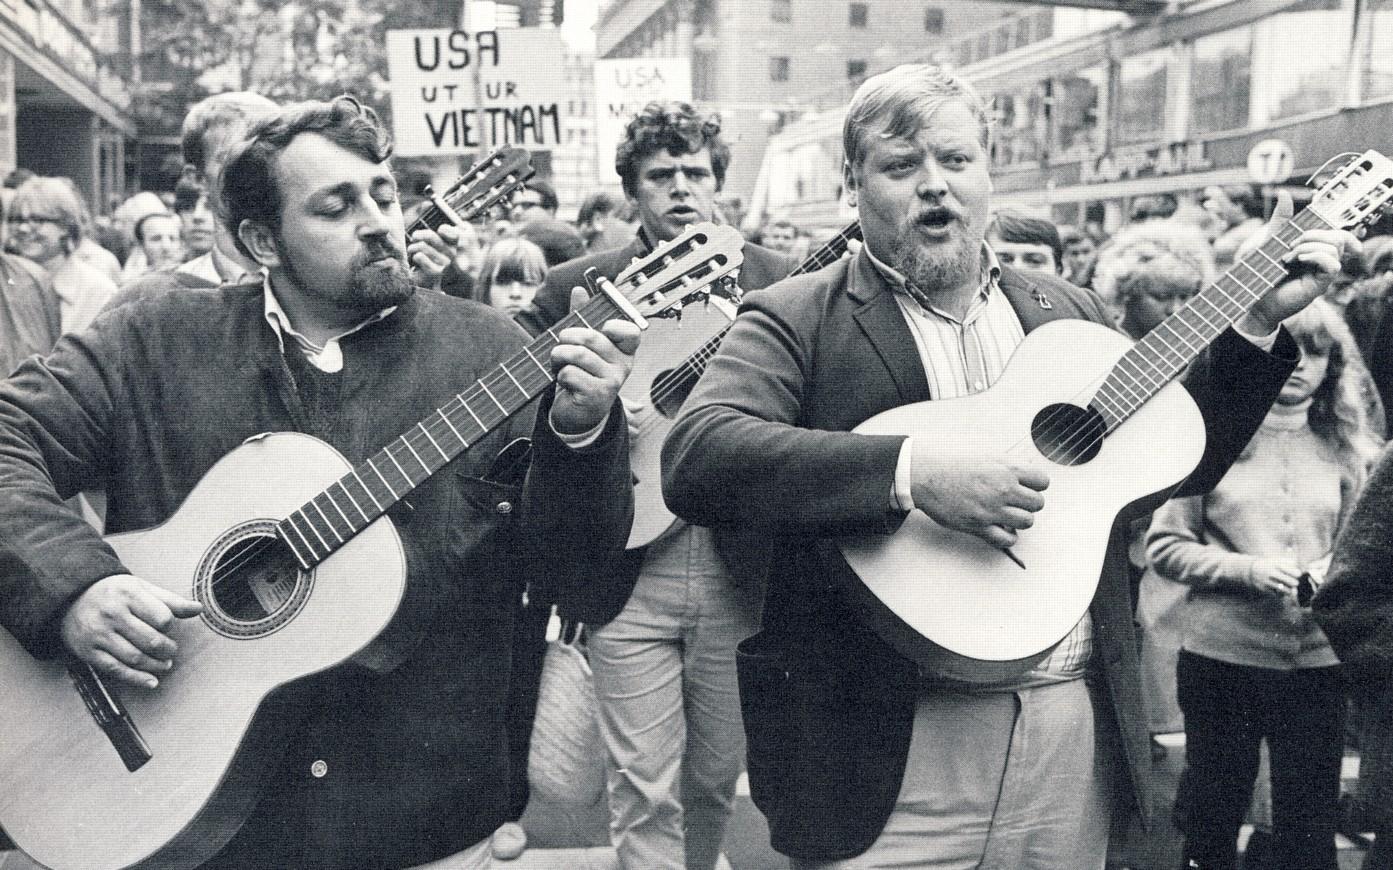 Wojna w Wietnamie a muzyka w Ameryce